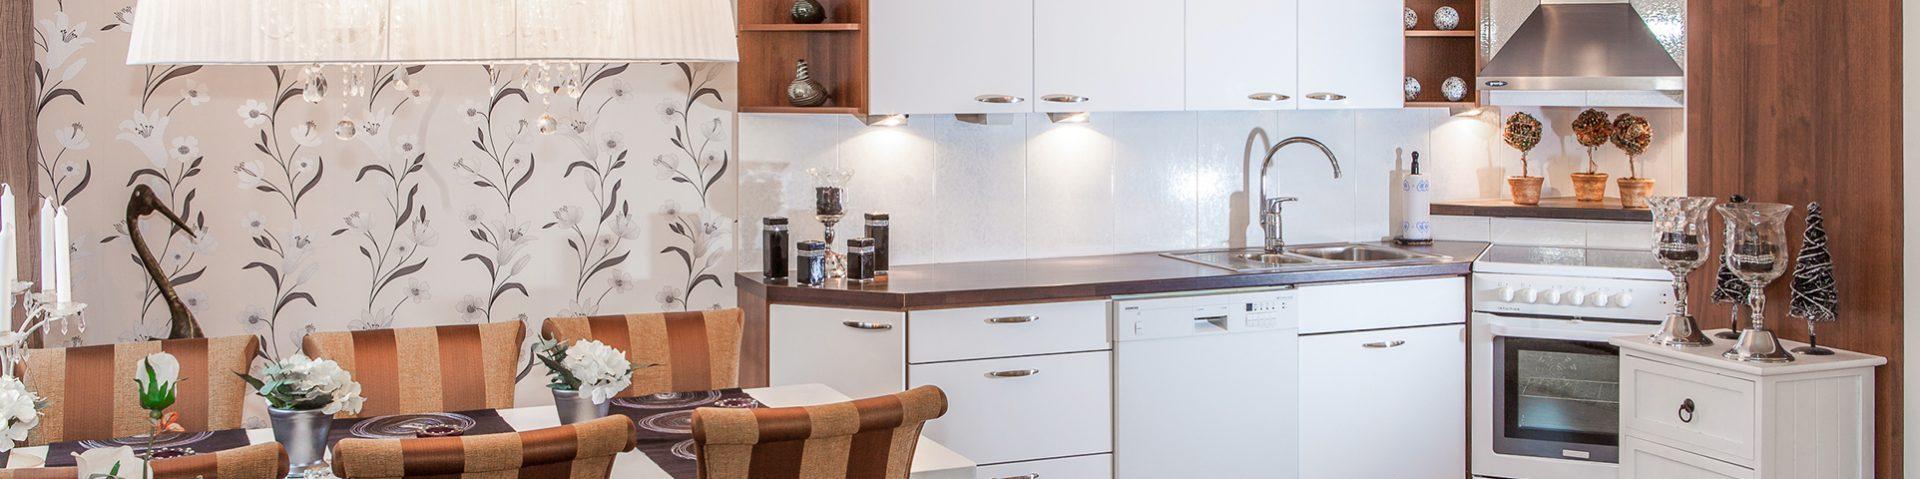 Toteutamme keittiöremonttisi ammattitaidolla. Saat Tampereen Rakennustiimiltä unelmiesi keittiön edullisesti. Pyydä tarjous!